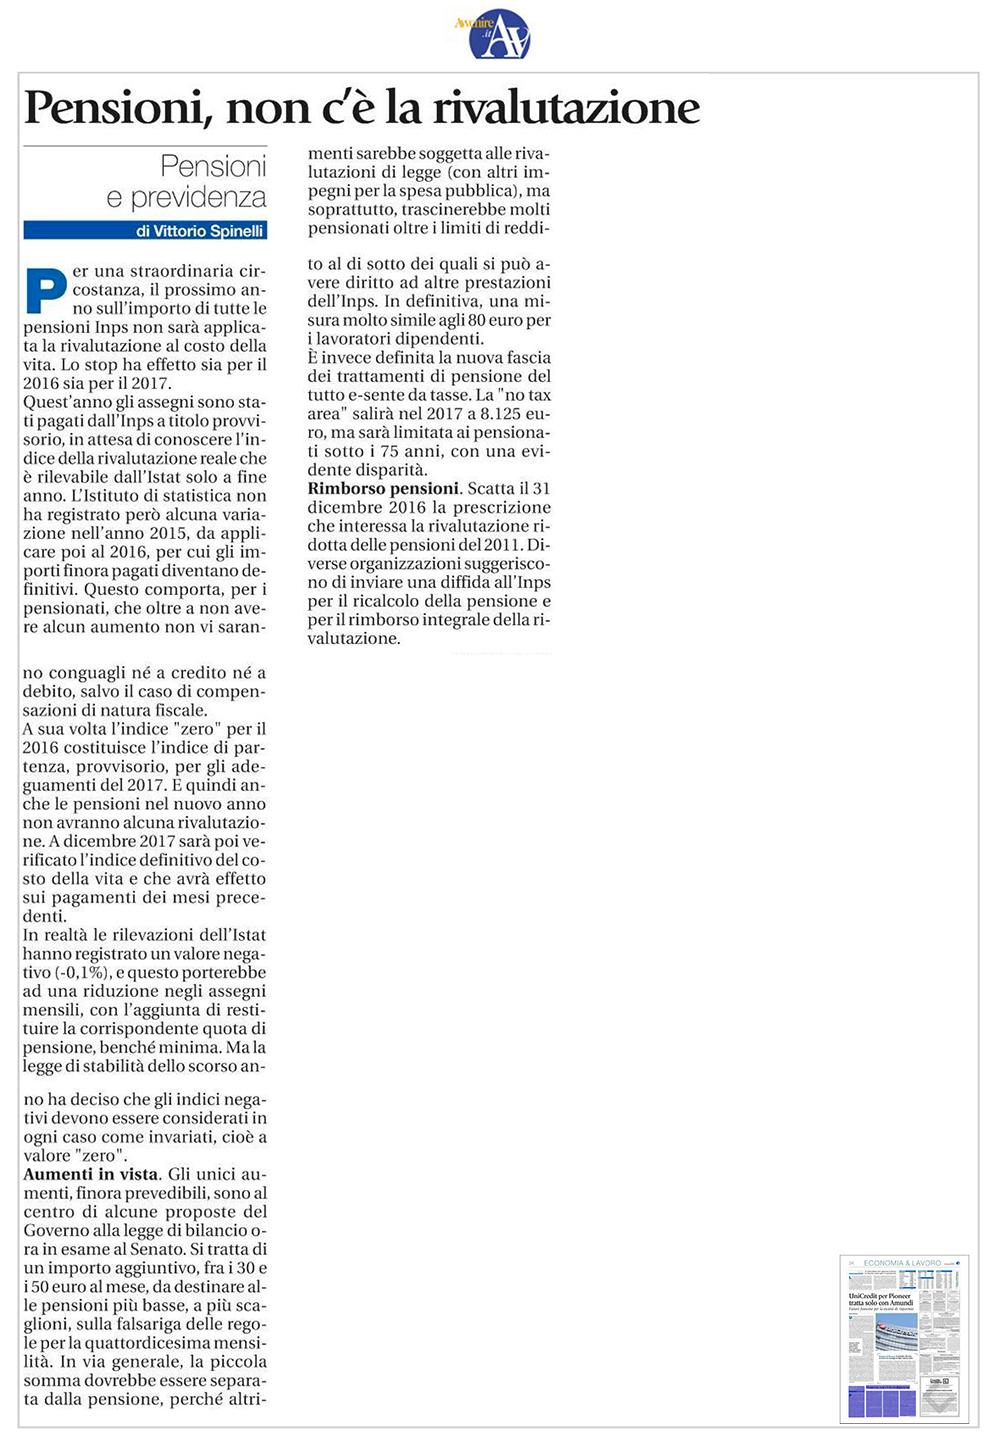 Articolo su Avvenire rivalutazione pensioni